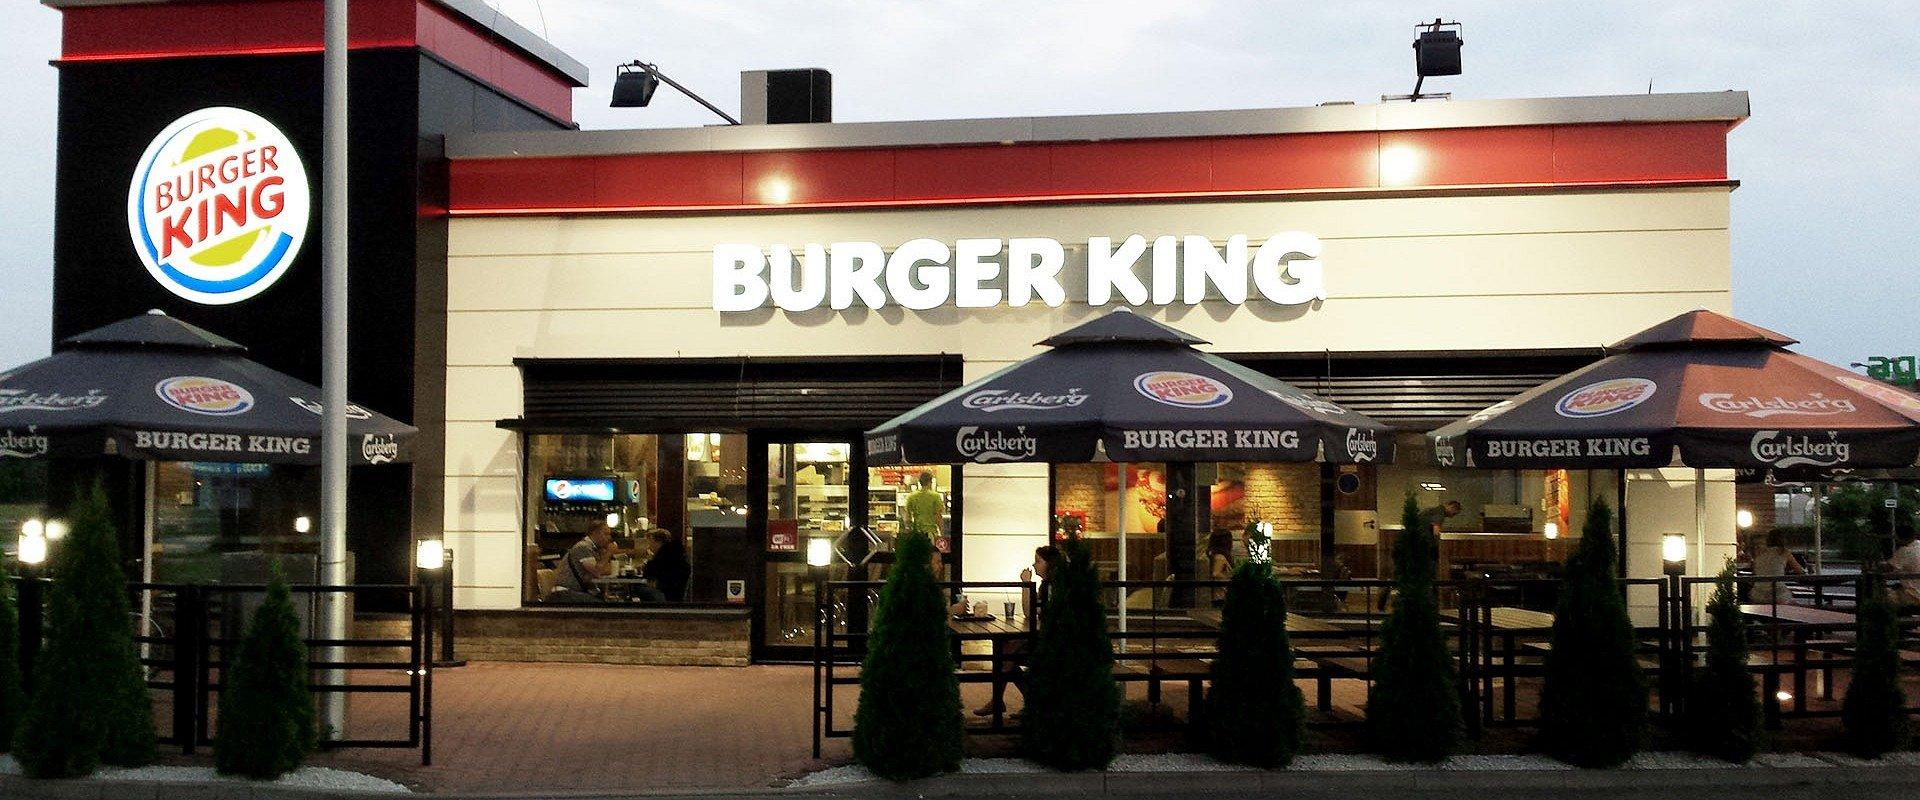 AmRest z umową rozwoju marki Burger King® w 5 krajach